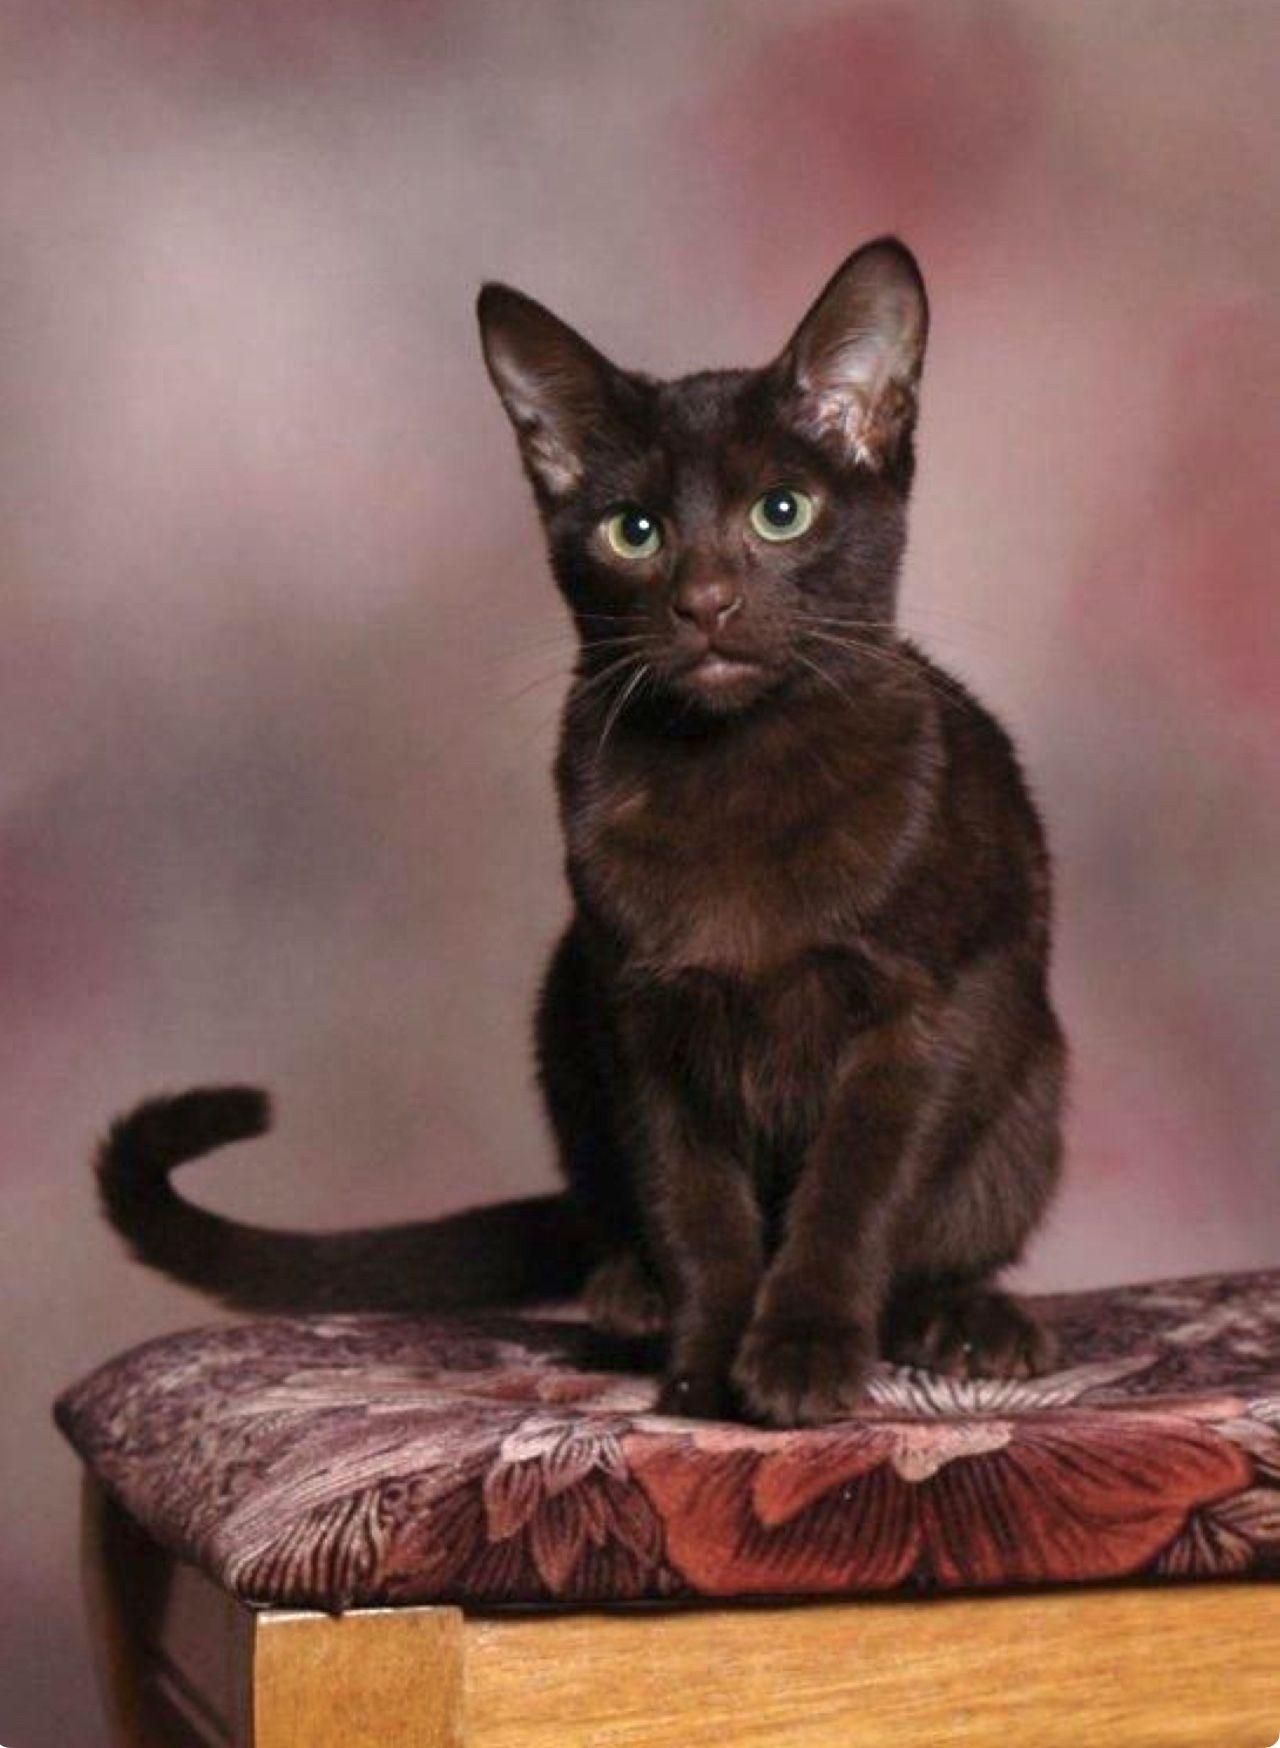 Sweet Havana Brown kitten. A wonderful cat breed calm